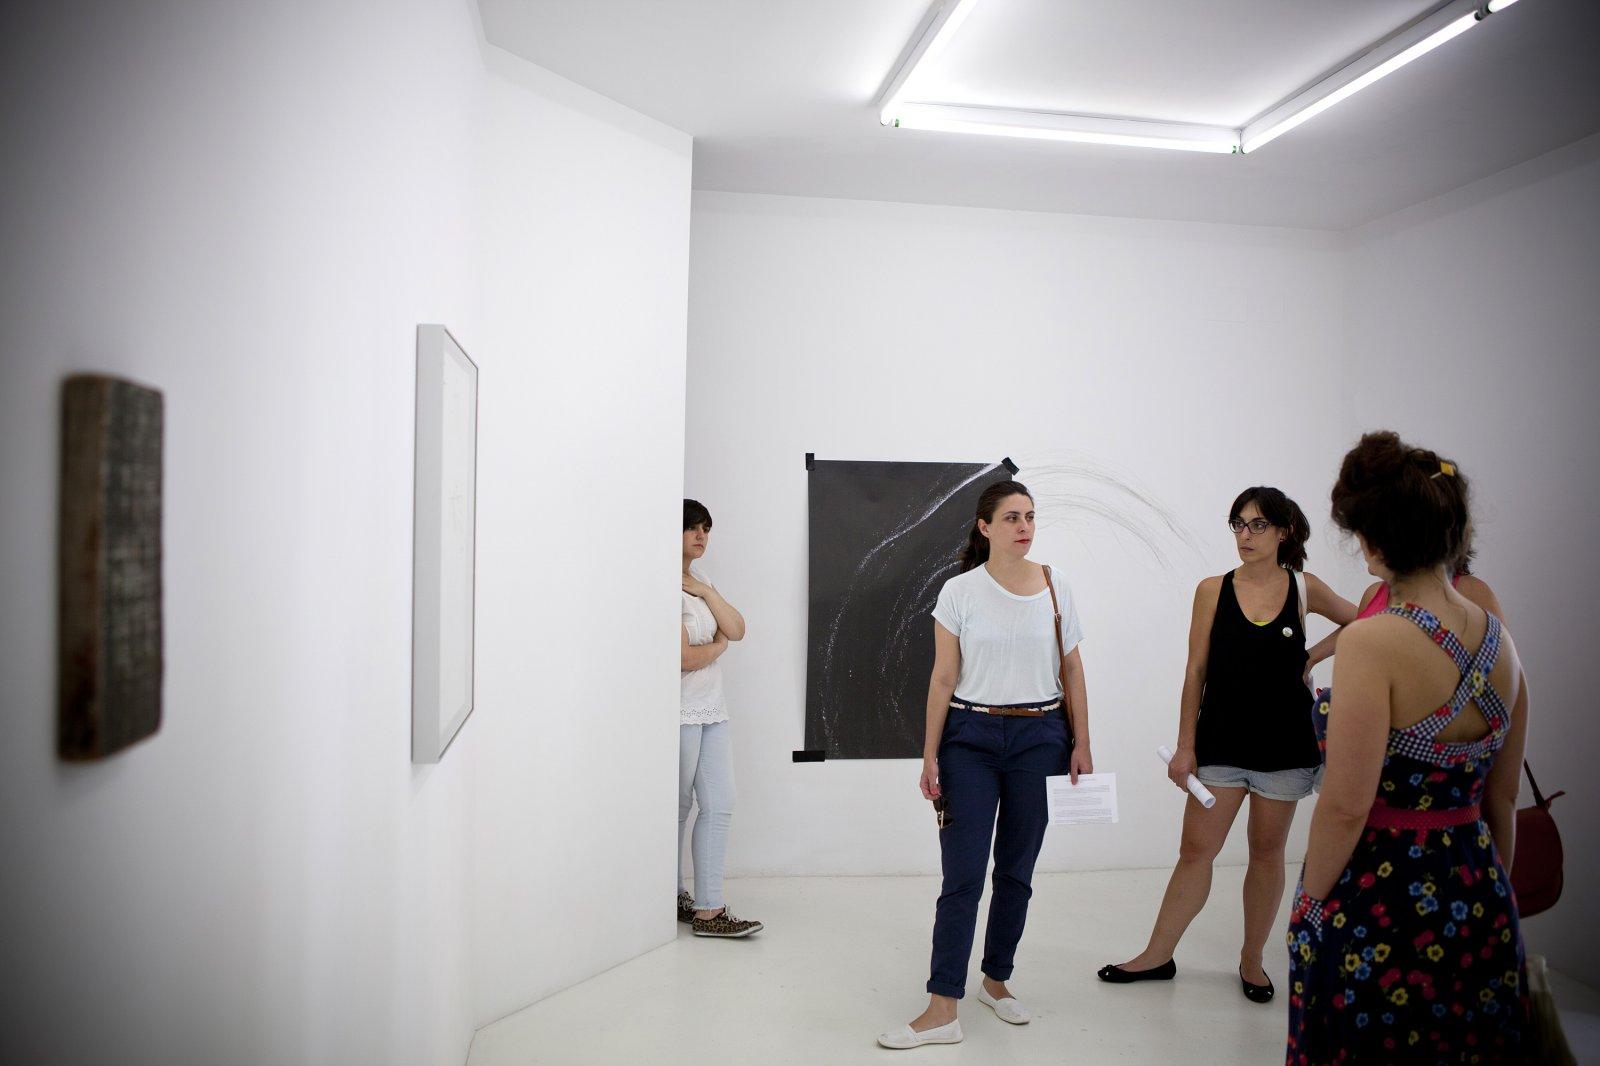 Galería Louis 21. 'Sobre El Muro'